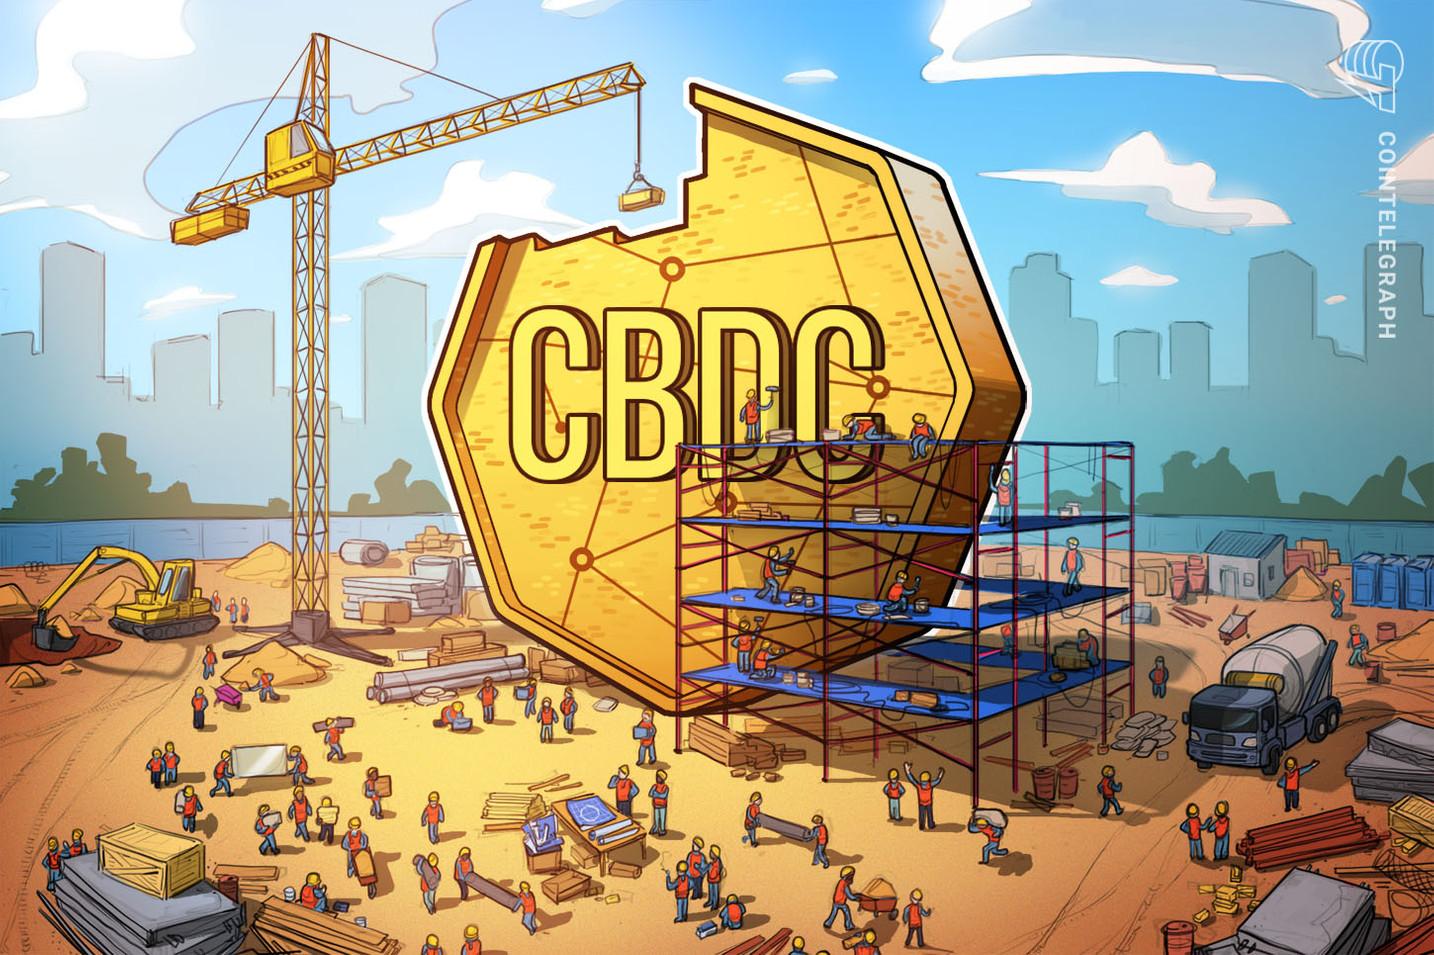 央行数字货币什么意思